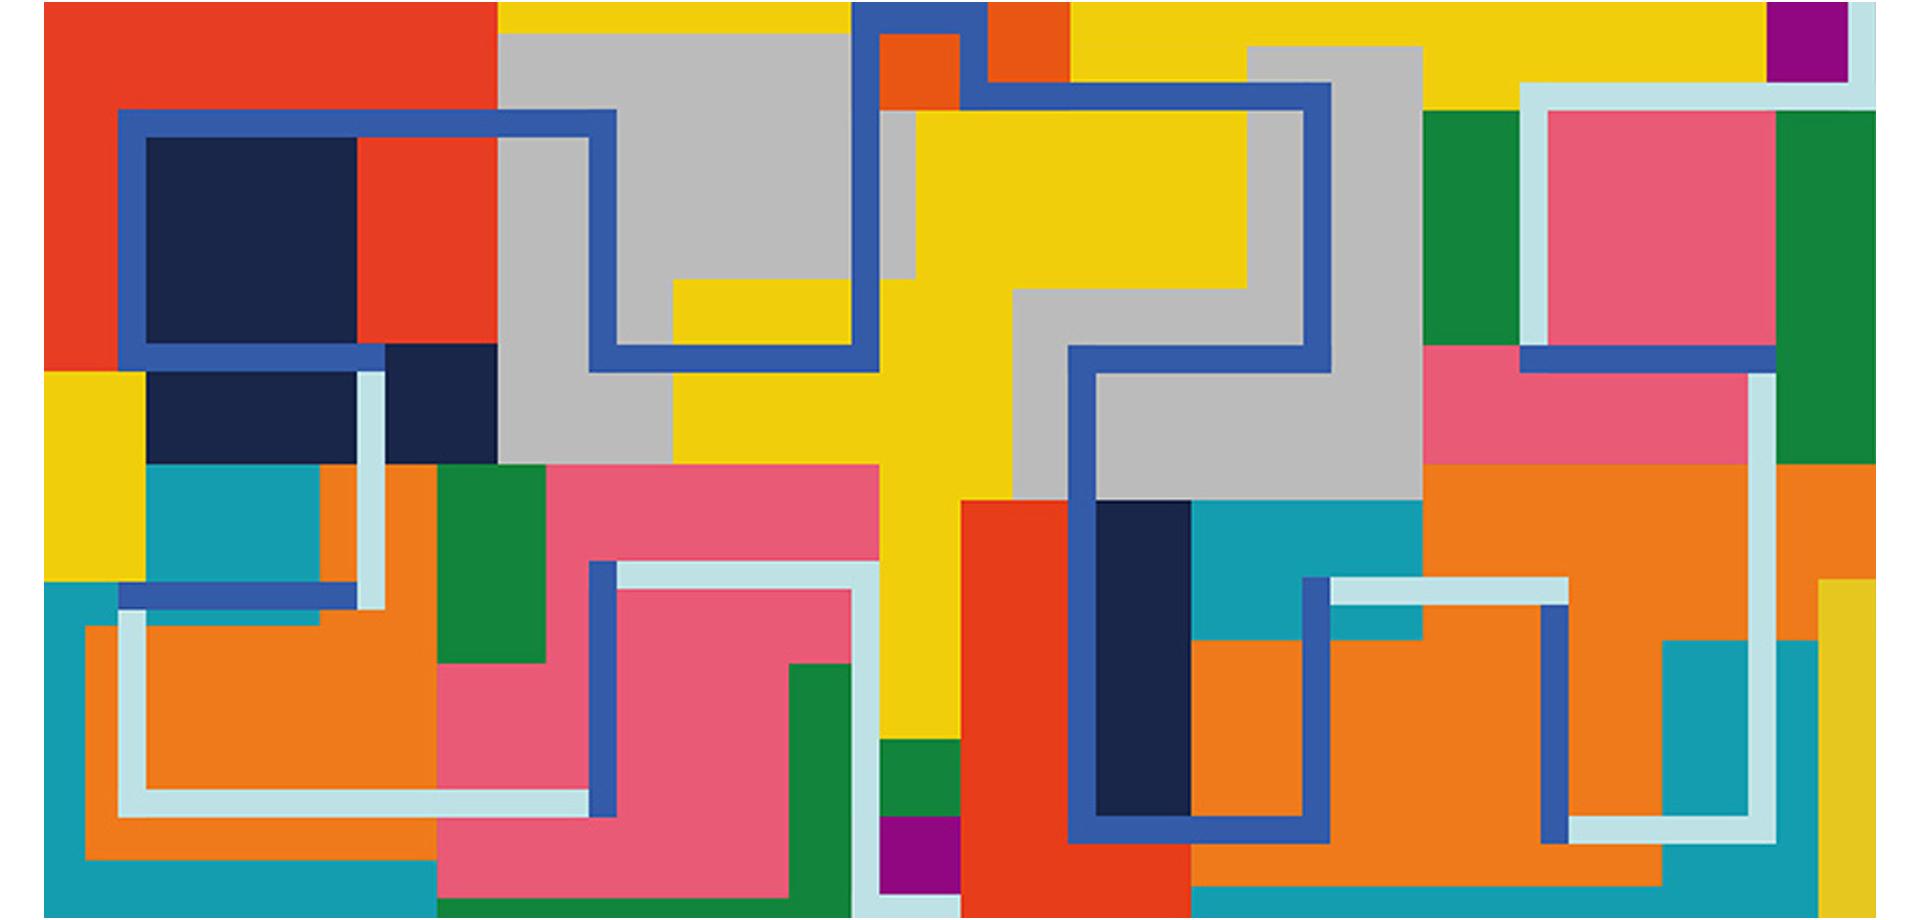 ポーラ美術館「中嶋 浩子 CONTINUUM|この世界を構成するもの」展